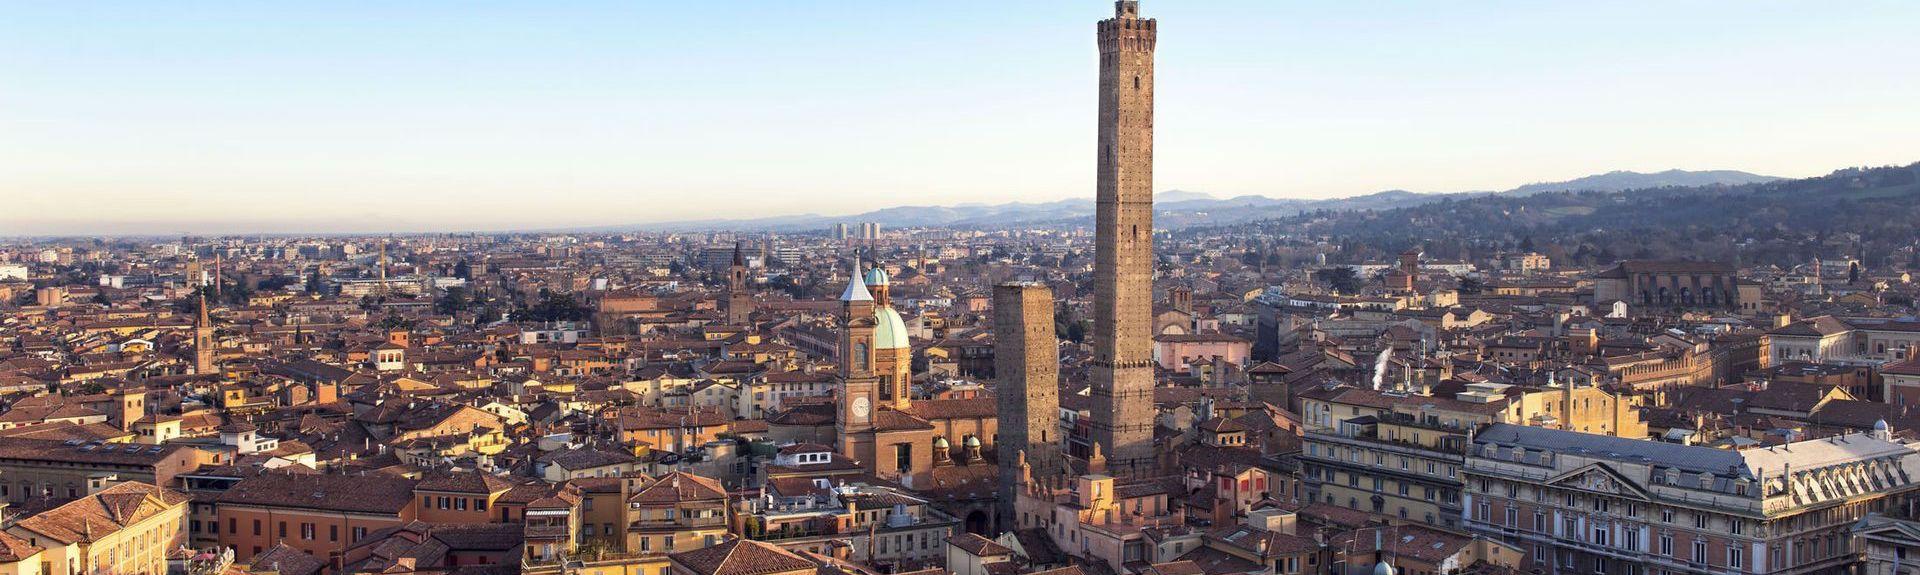 BolognaFiere, Bologna, Emilia Romagna, Italia